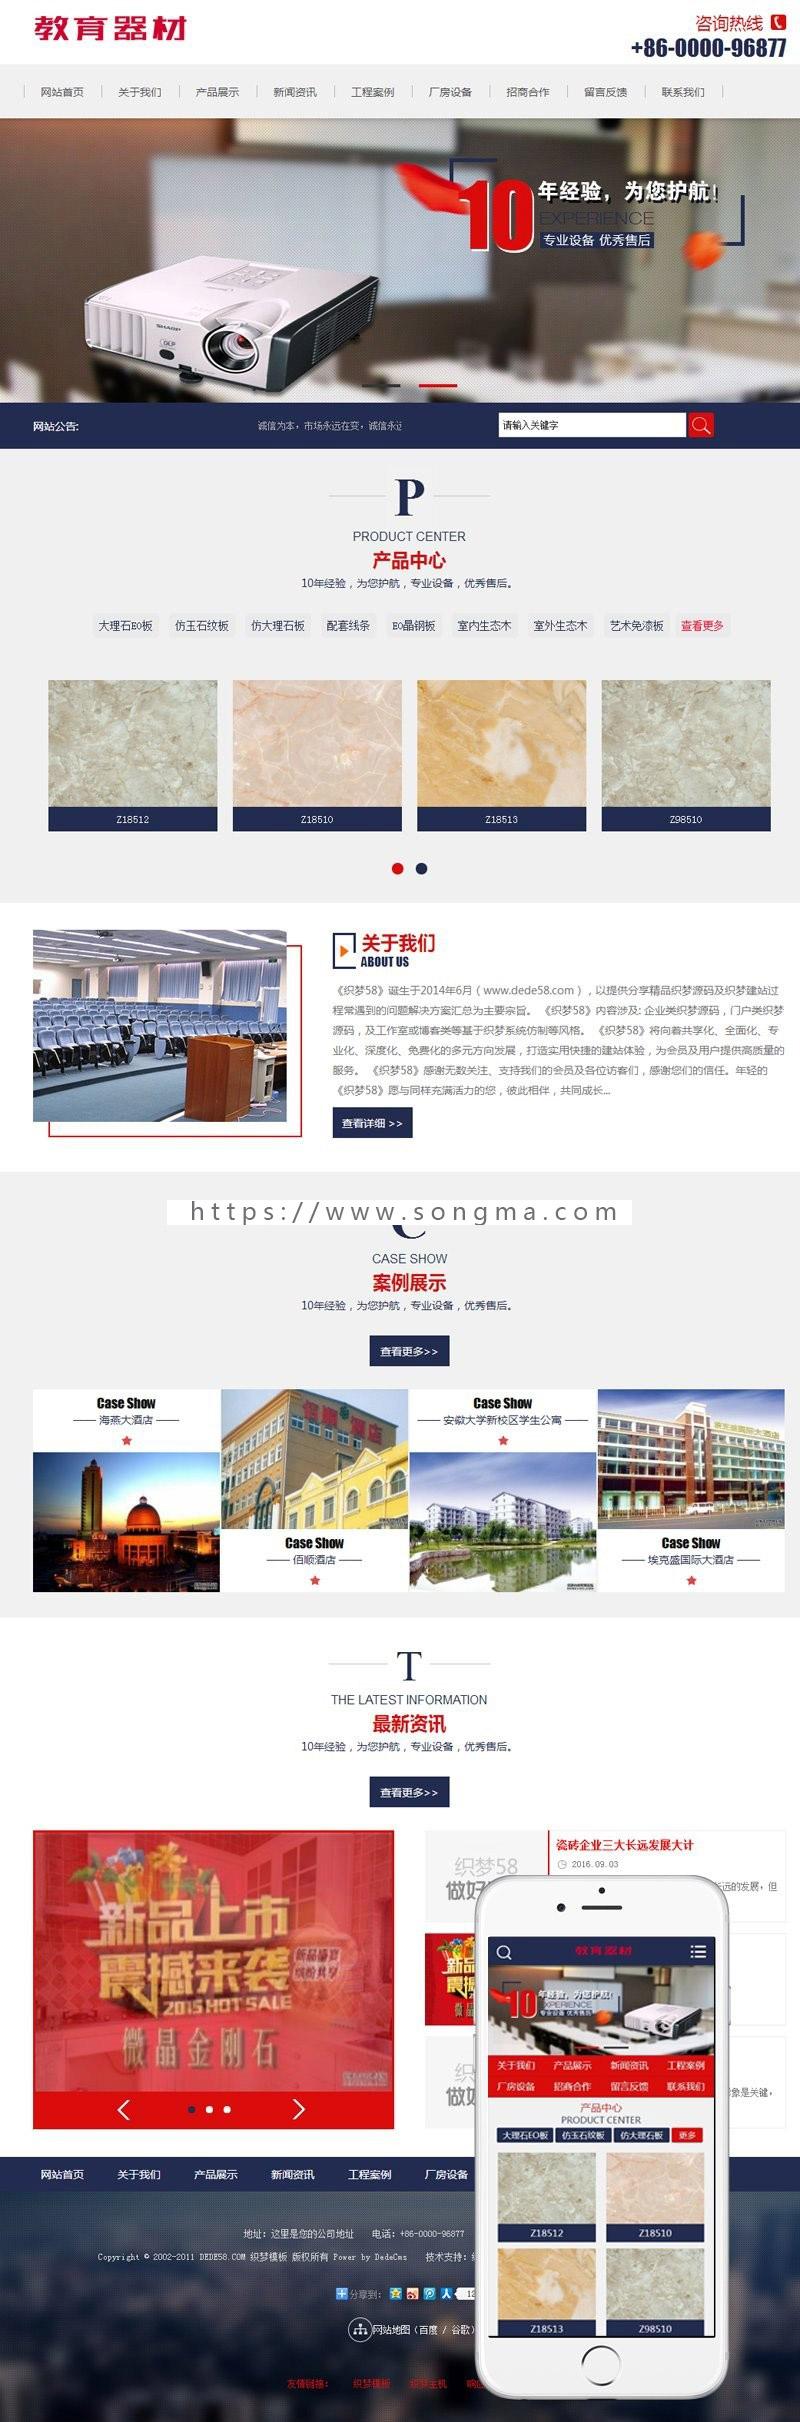 《新版》高端运营版大气通用织梦营销型服务设备类公司蓝色风格办公器材行业织梦模板(